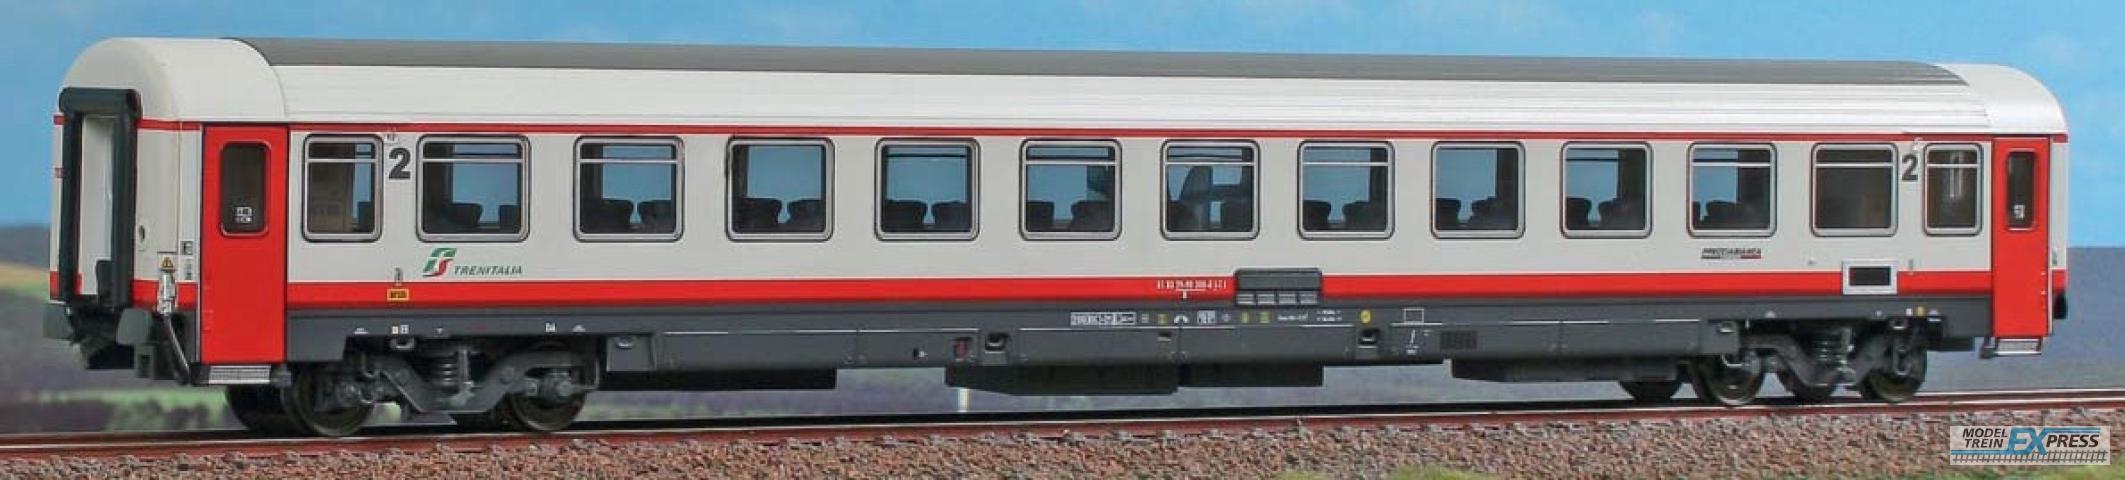 ACME 70094